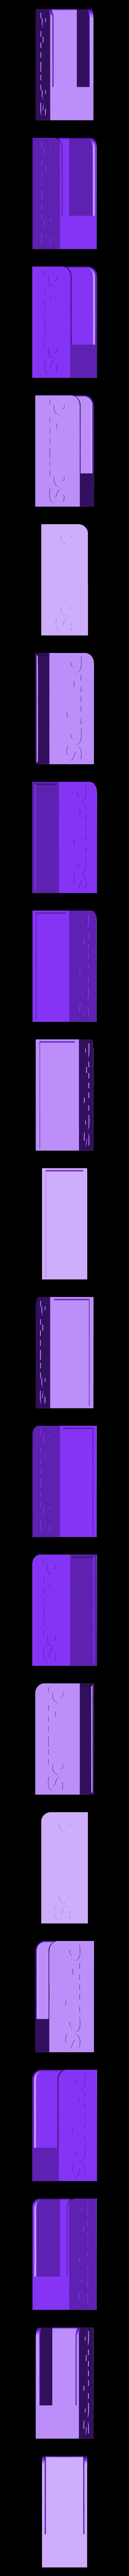 Philips_OLED_804_stick_remote_wall_mount.stl Télécharger fichier STL gratuit Support mural à distance pour bâton Philips OLED 804 • Modèle à imprimer en 3D, yvrogne59